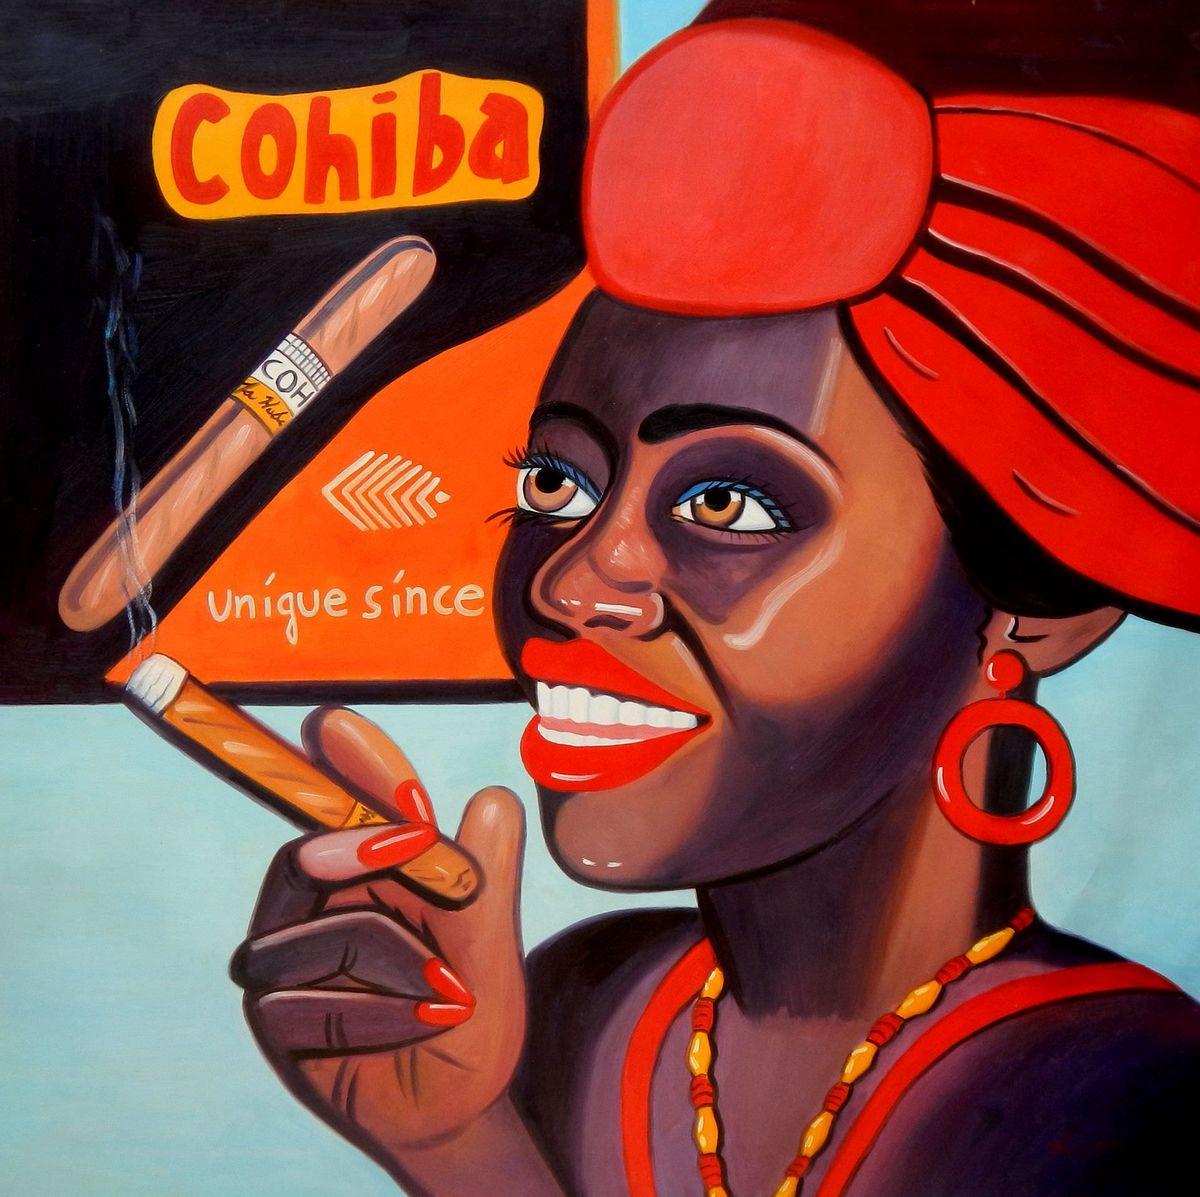 Cuba Cohiba cigars m96101 120x120cm exzellentes Ölgemälde handgemalt